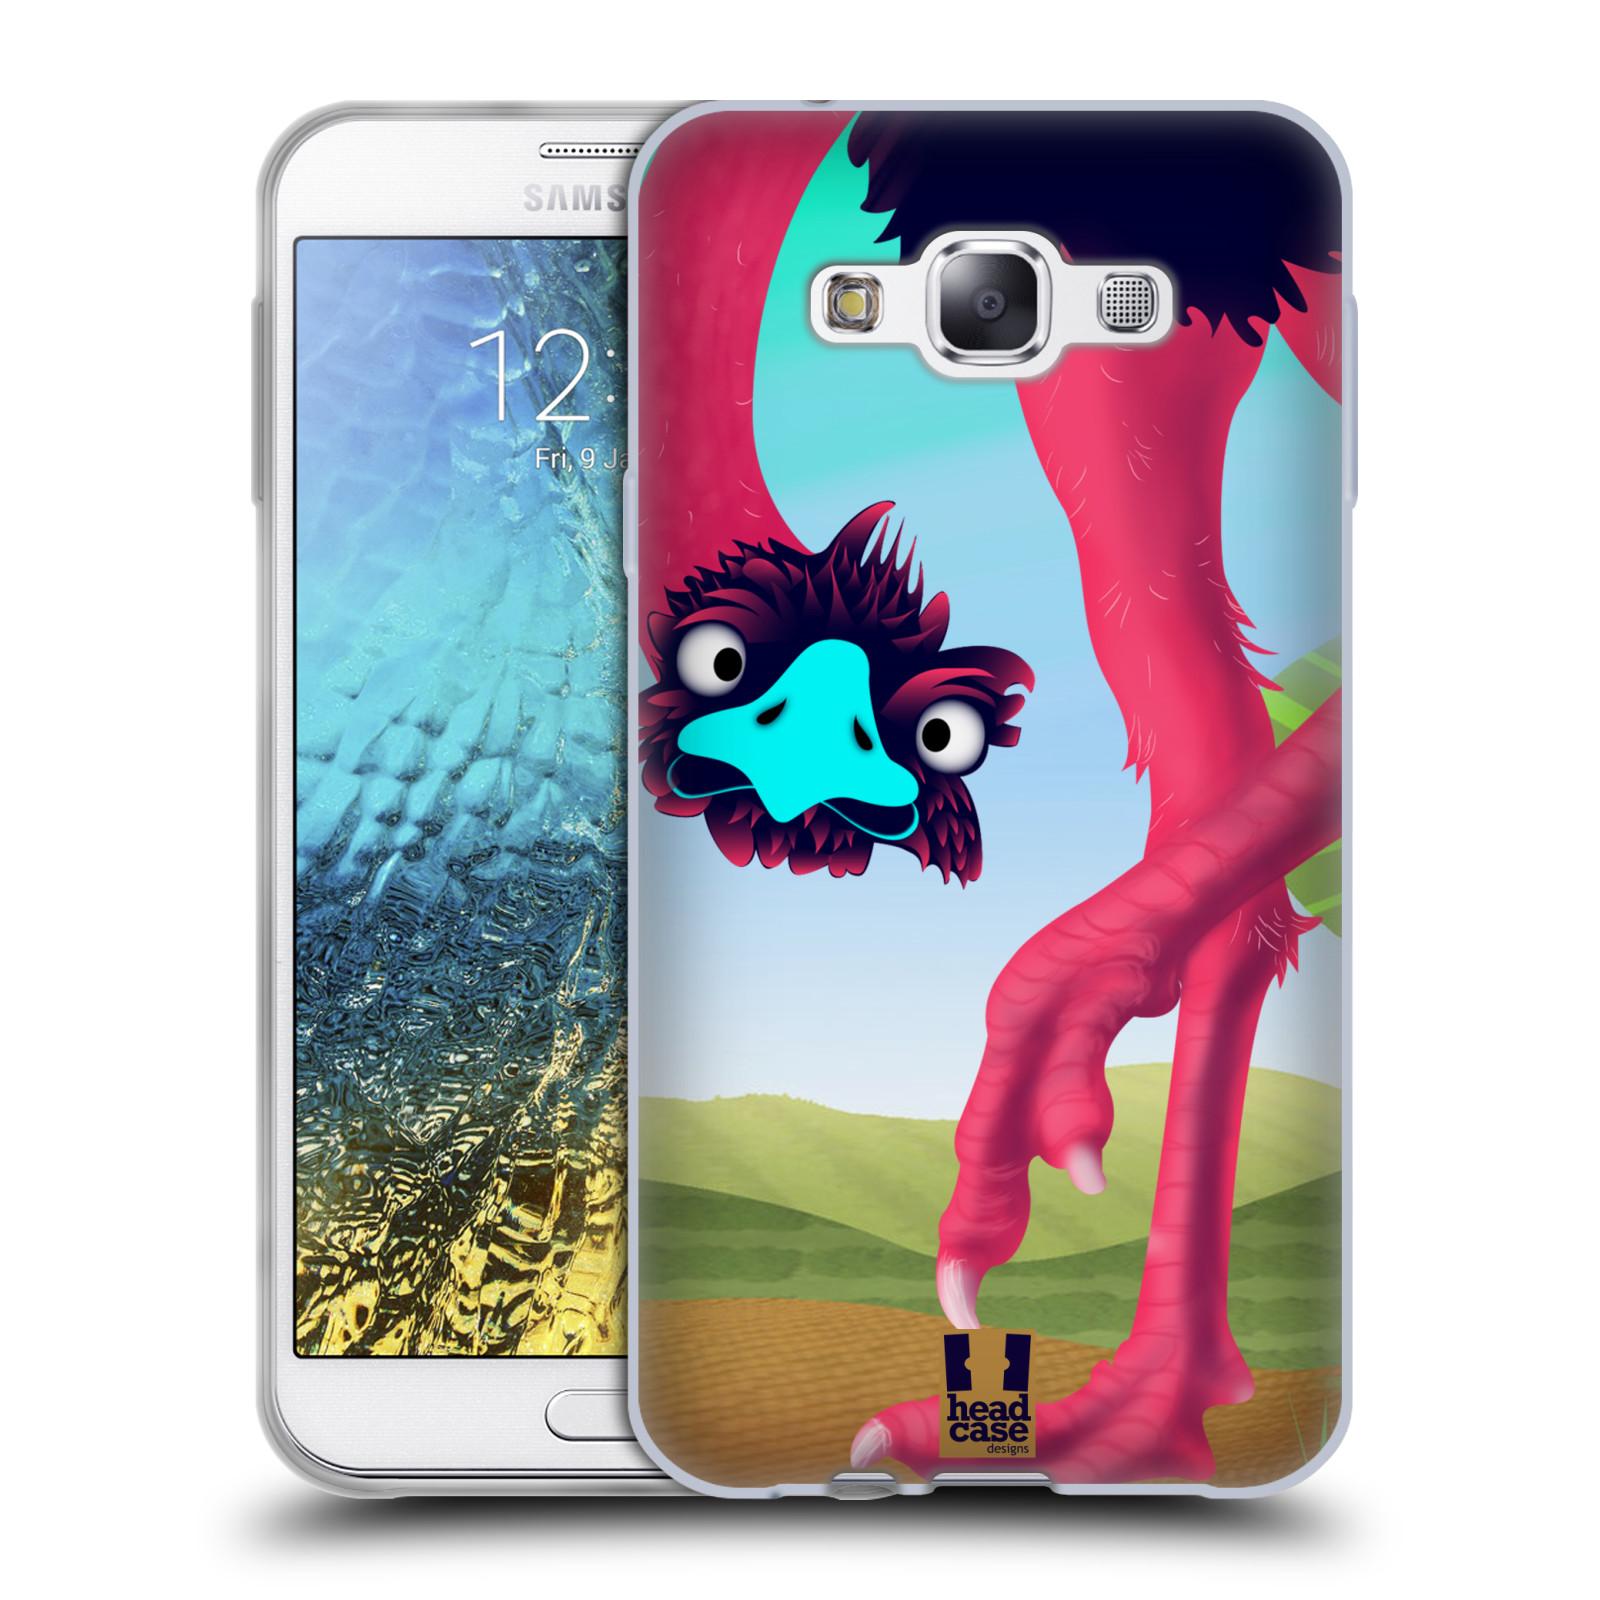 HEAD CASE silikonový obal na mobil Samsung Galaxy E7 vzor dlouhé nohy kreslená zvířátka pštros